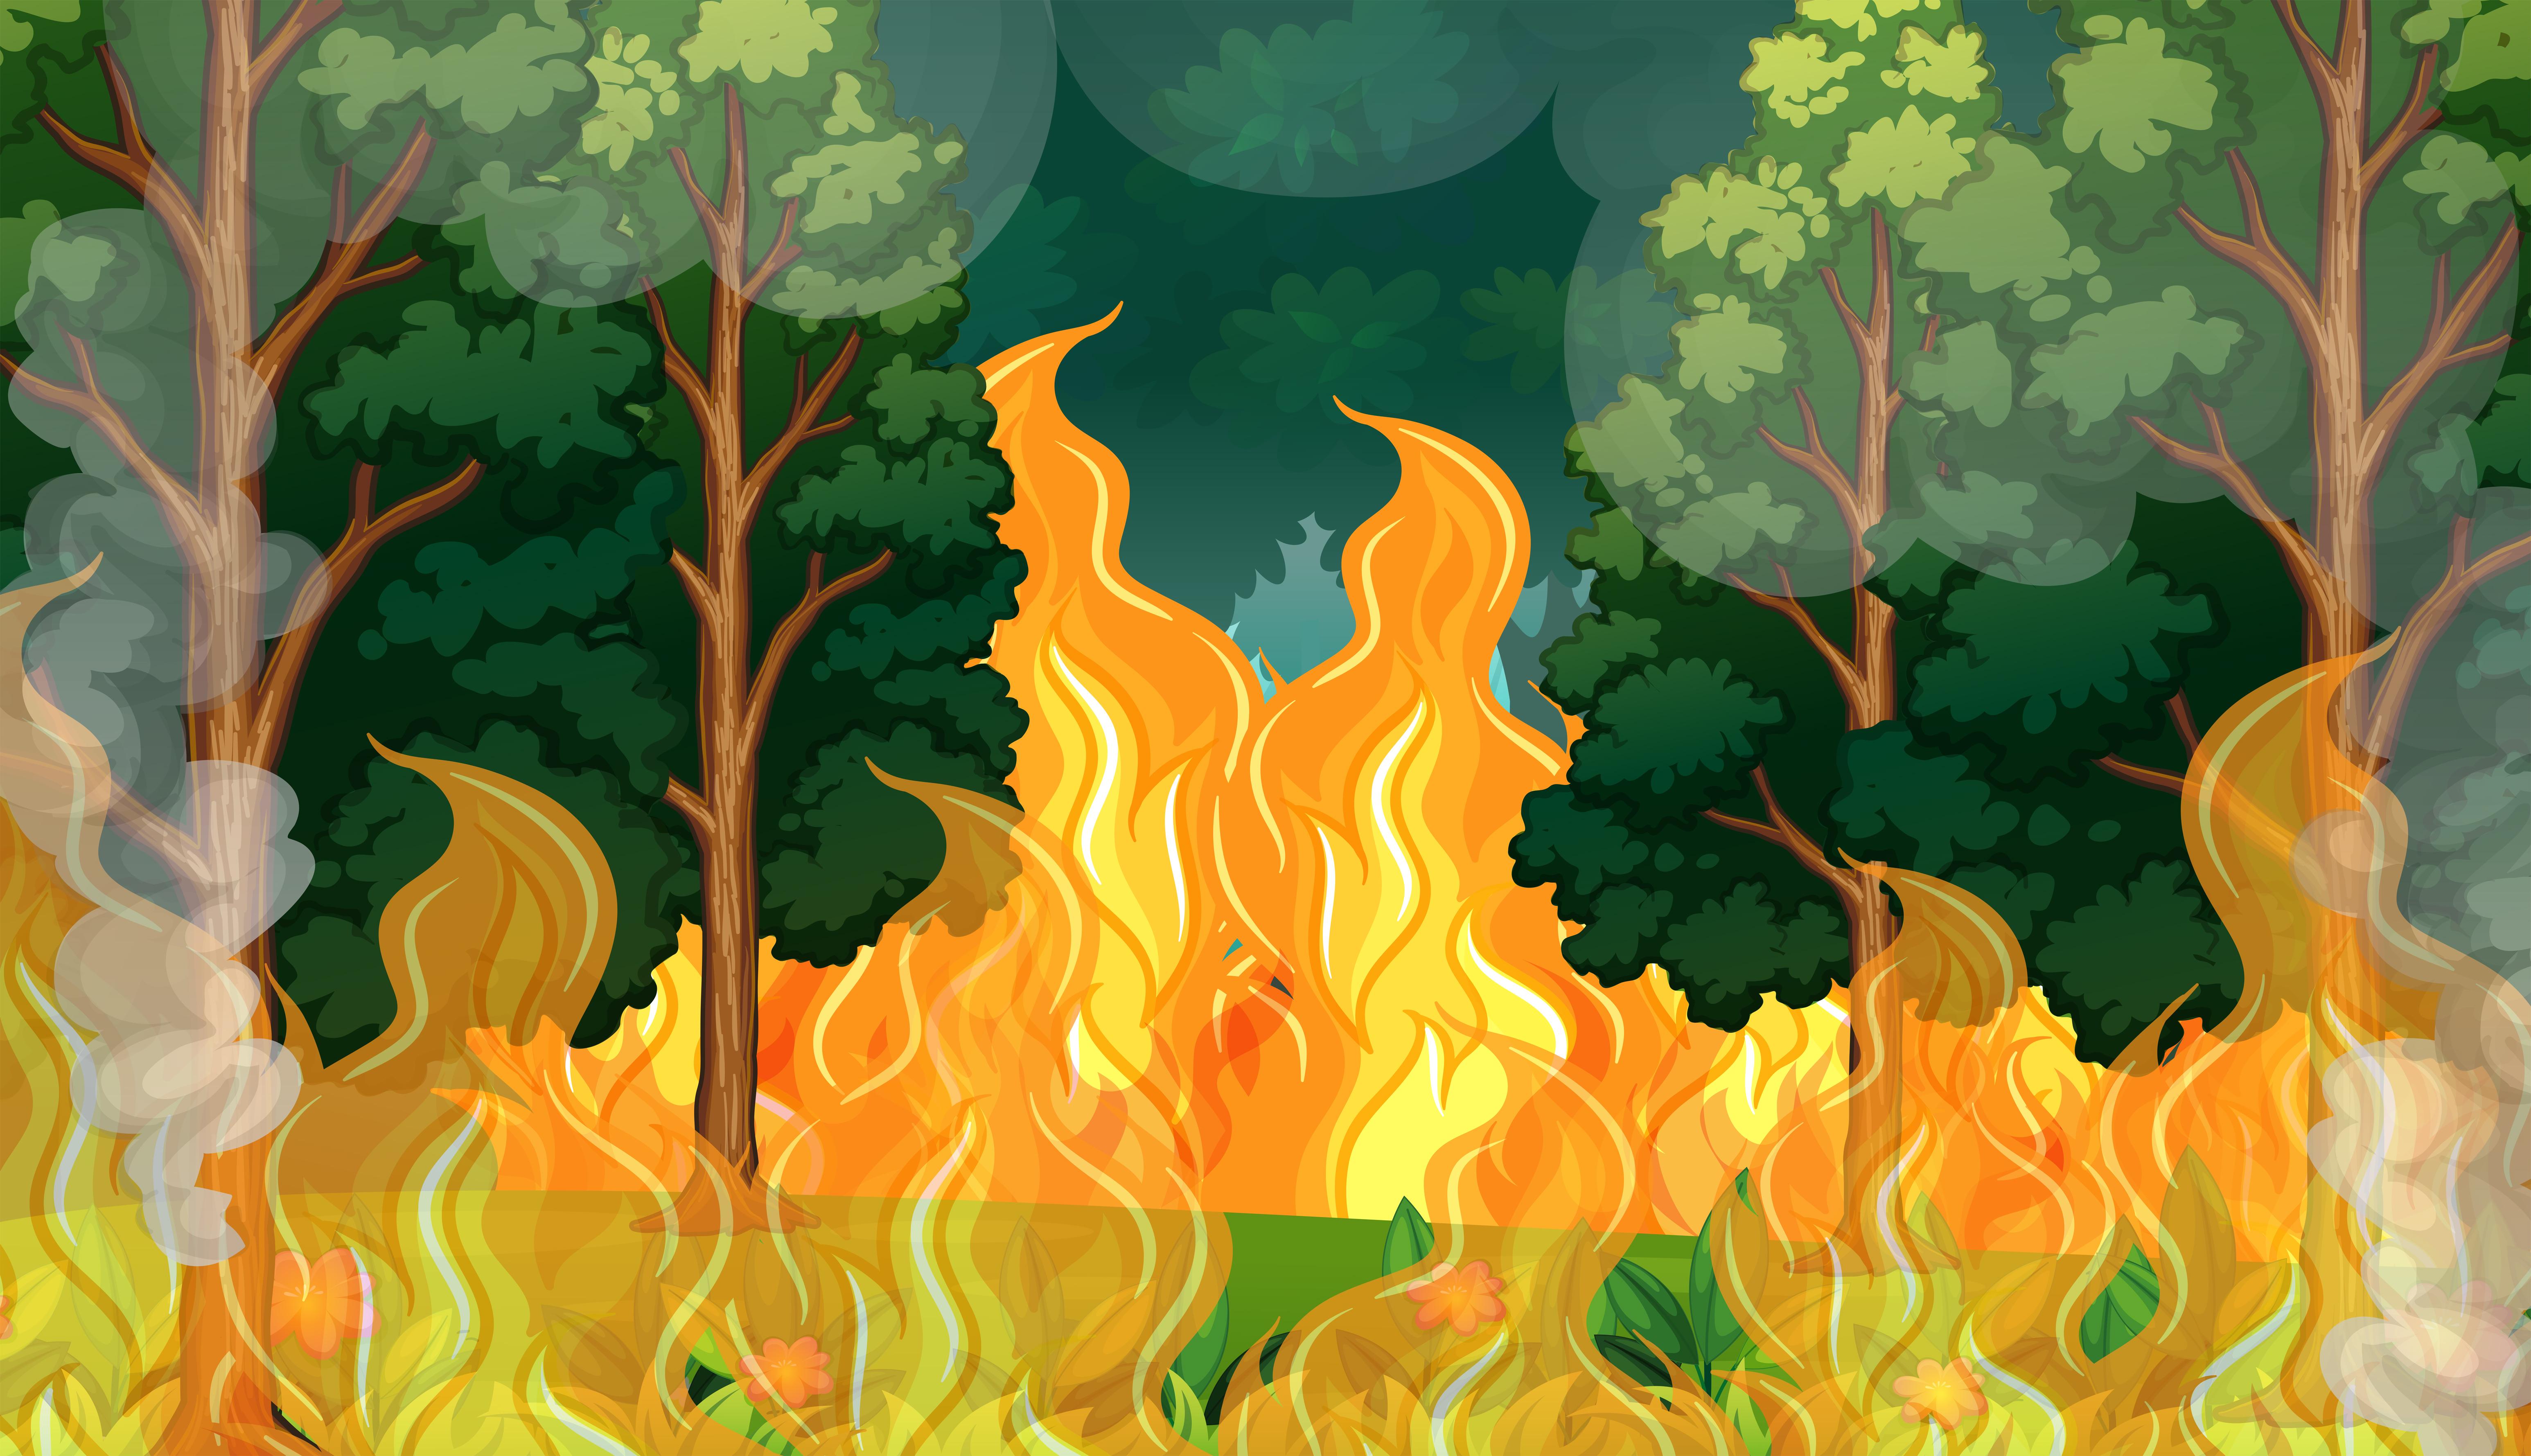 Картинка пожар леса для детей